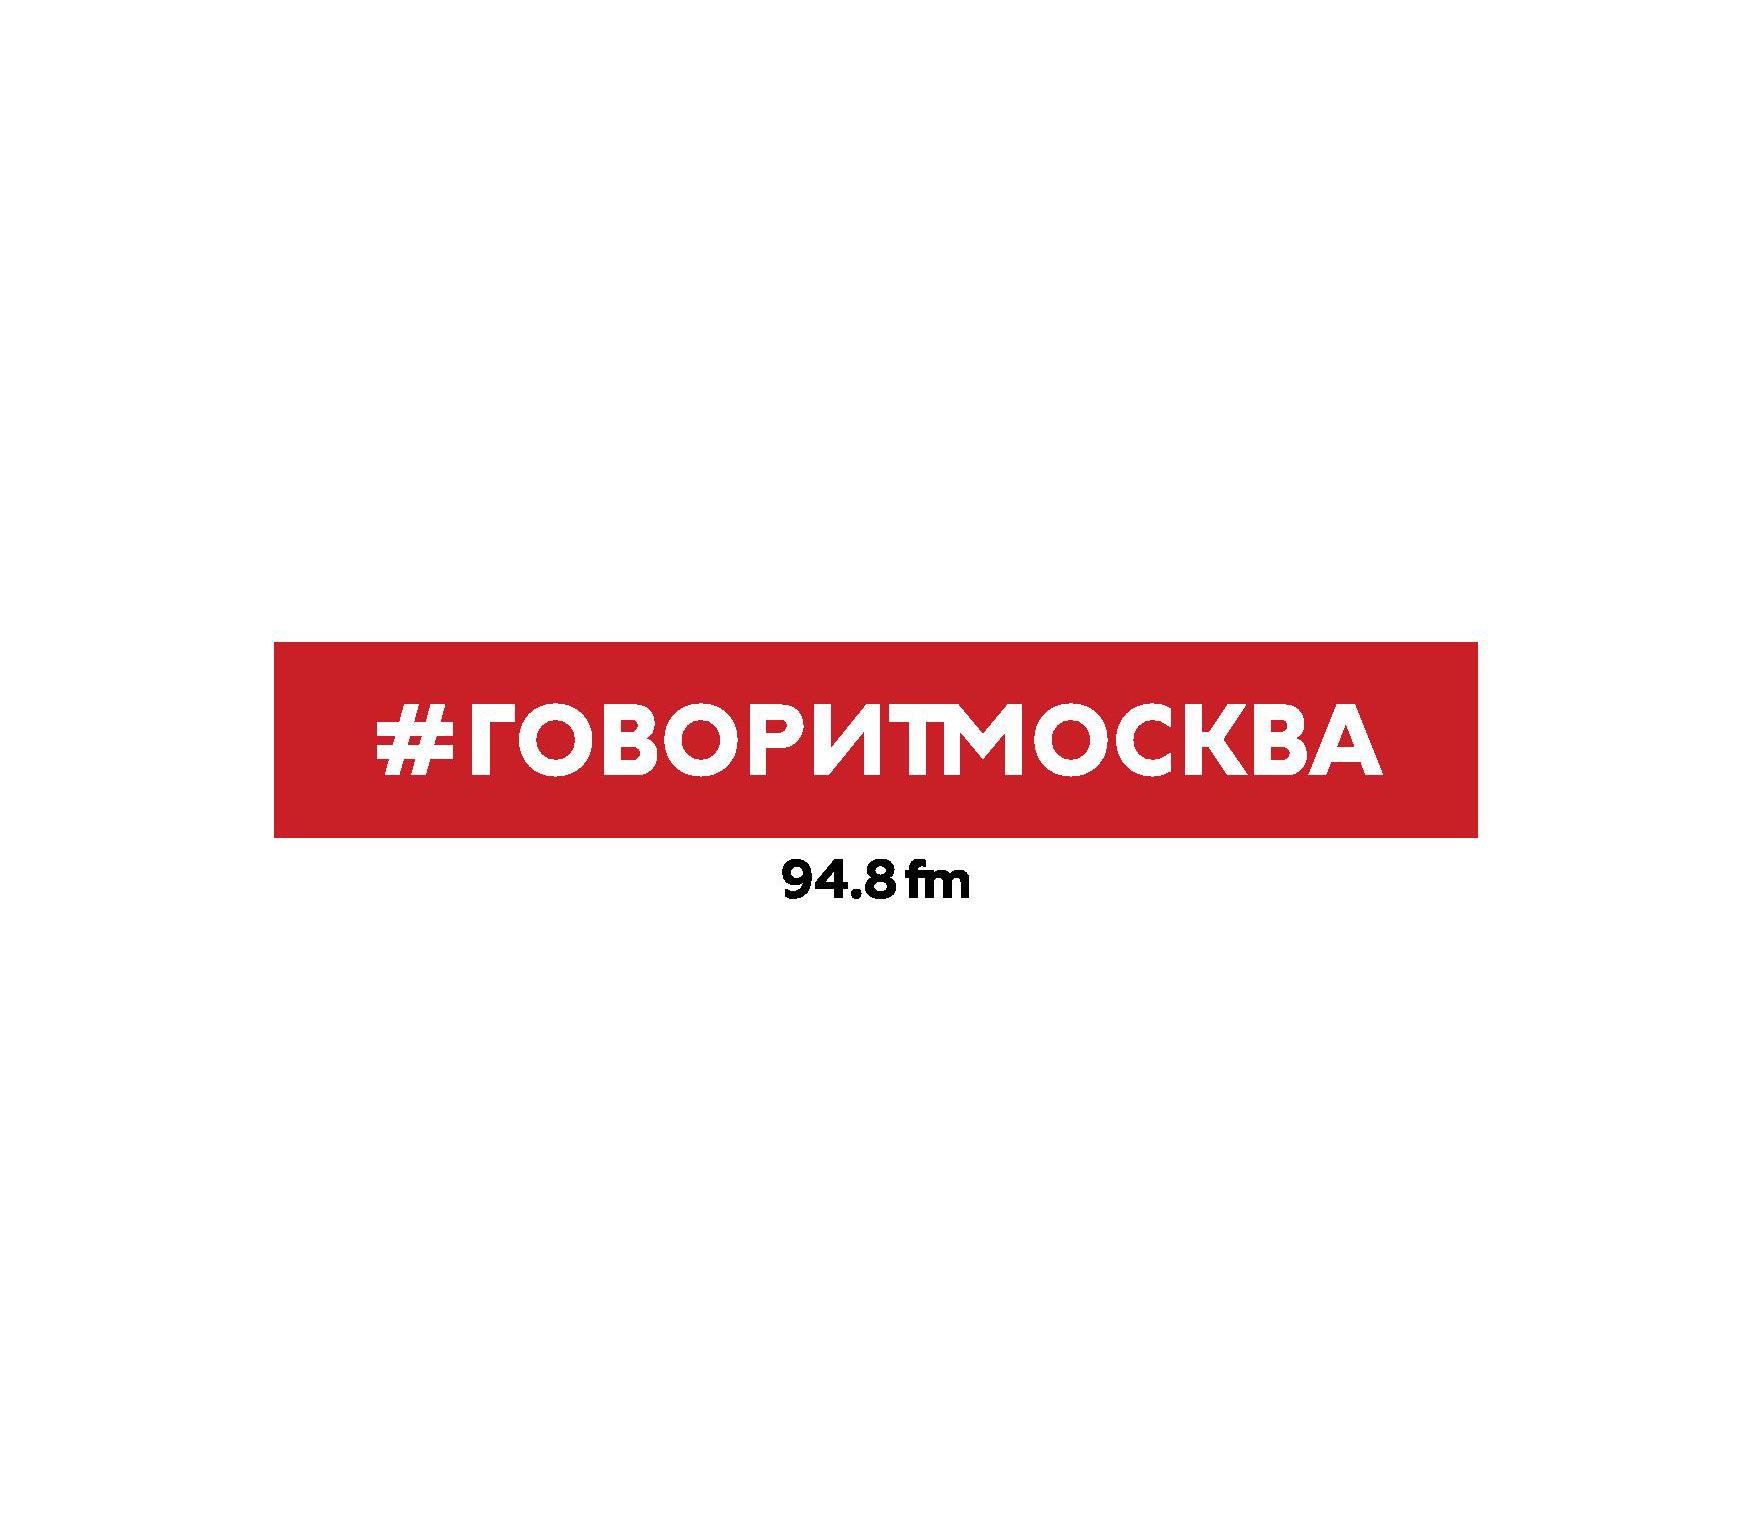 Макс Челноков 6 мая. Максим Ликсутов макс челноков 5 мая марат гельман